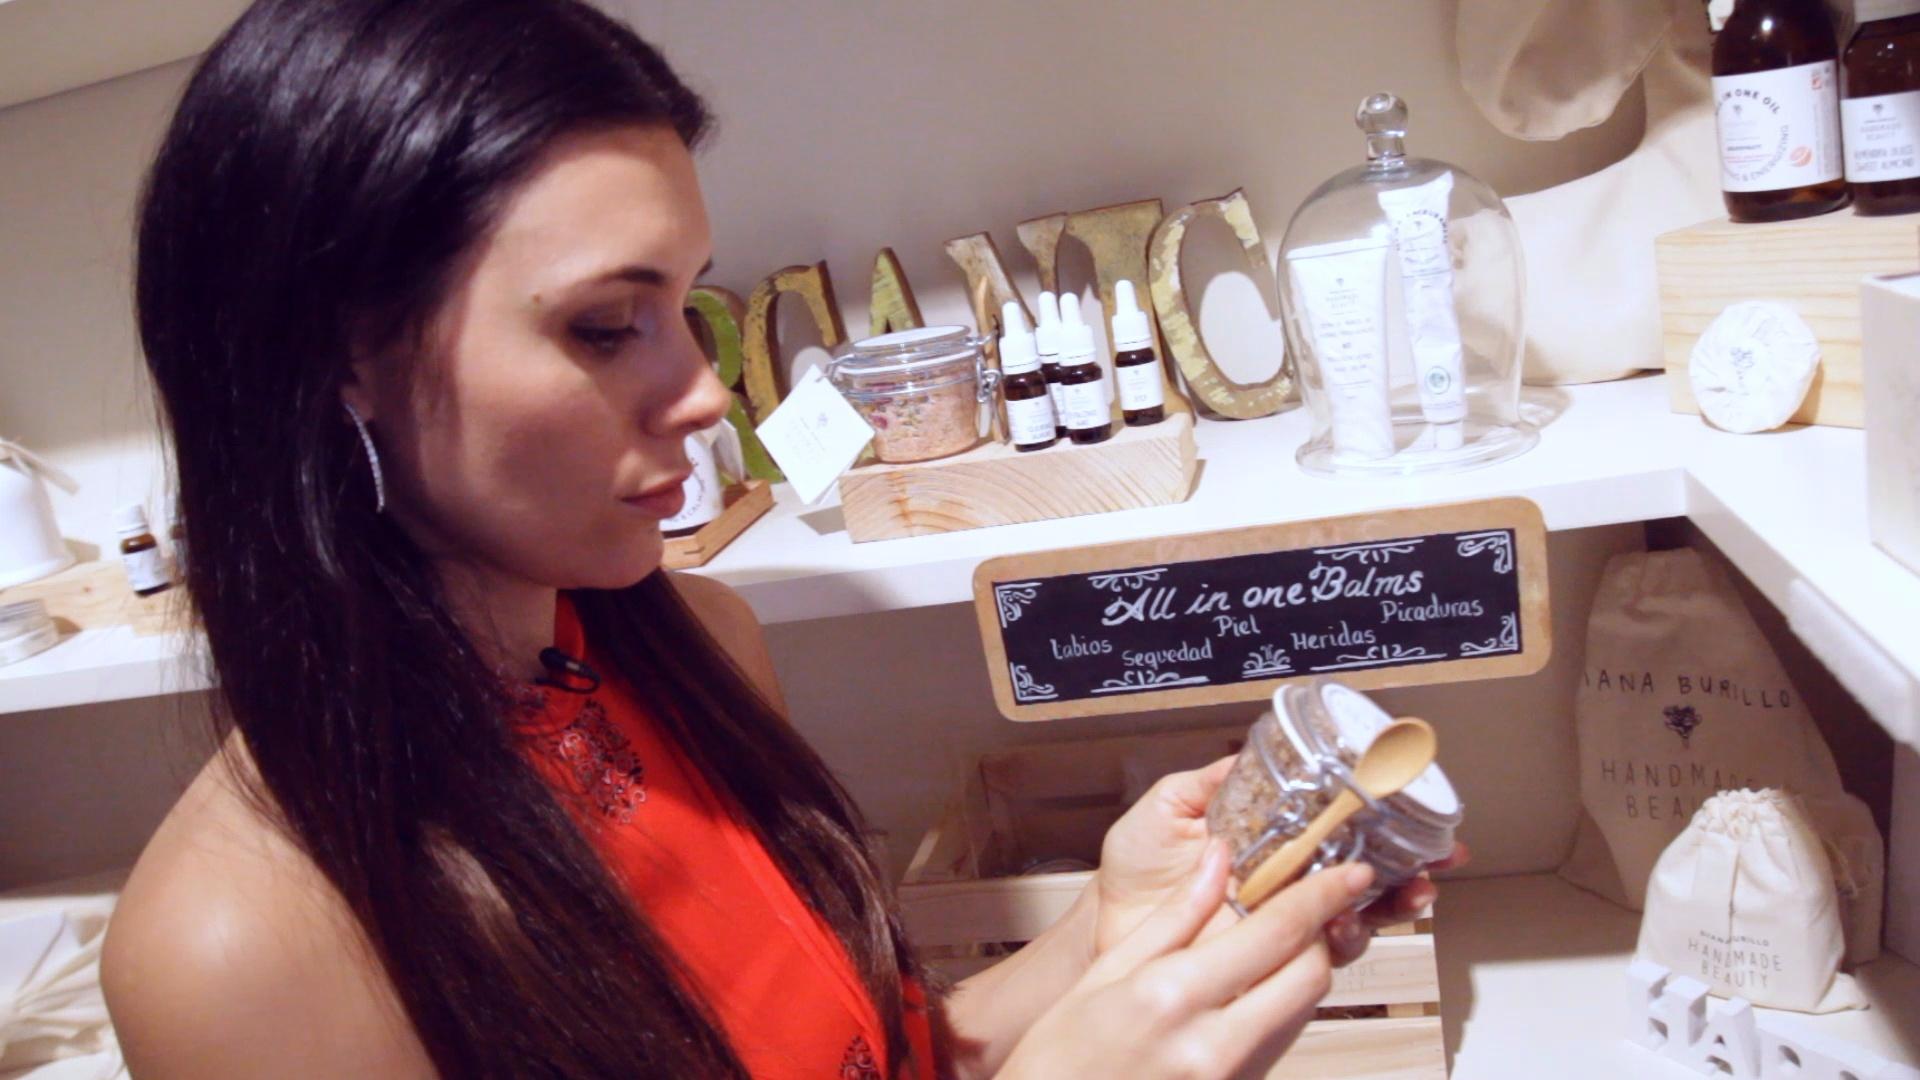 La experta en nutrición y belleza Beatriz Larrea en Handmade Beauty...